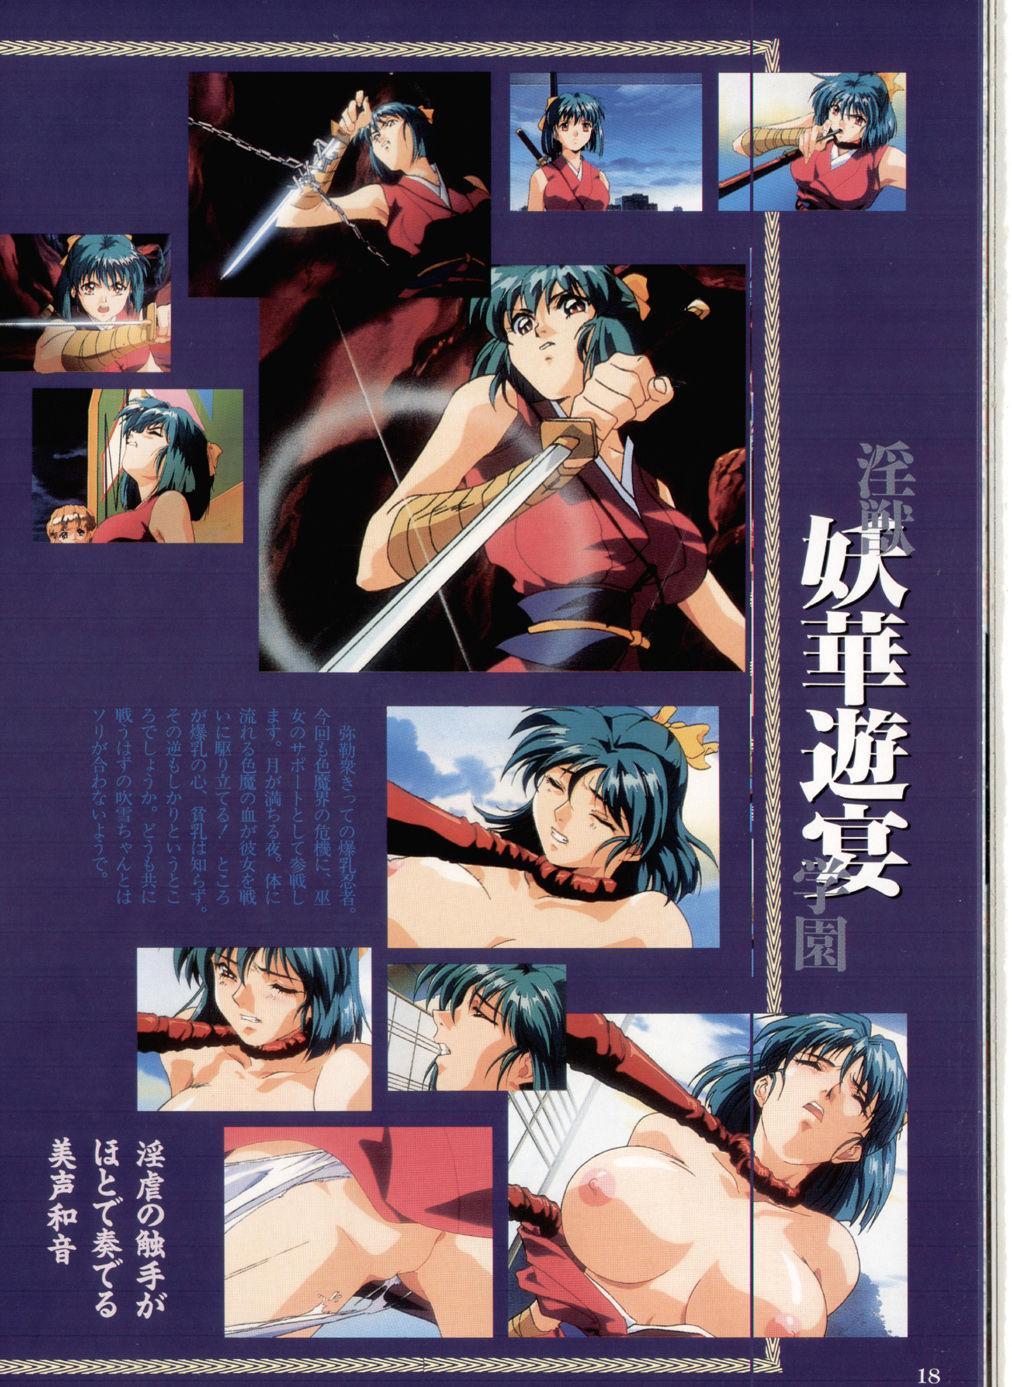 Injuu Gakuen You no Shou Secret File 13